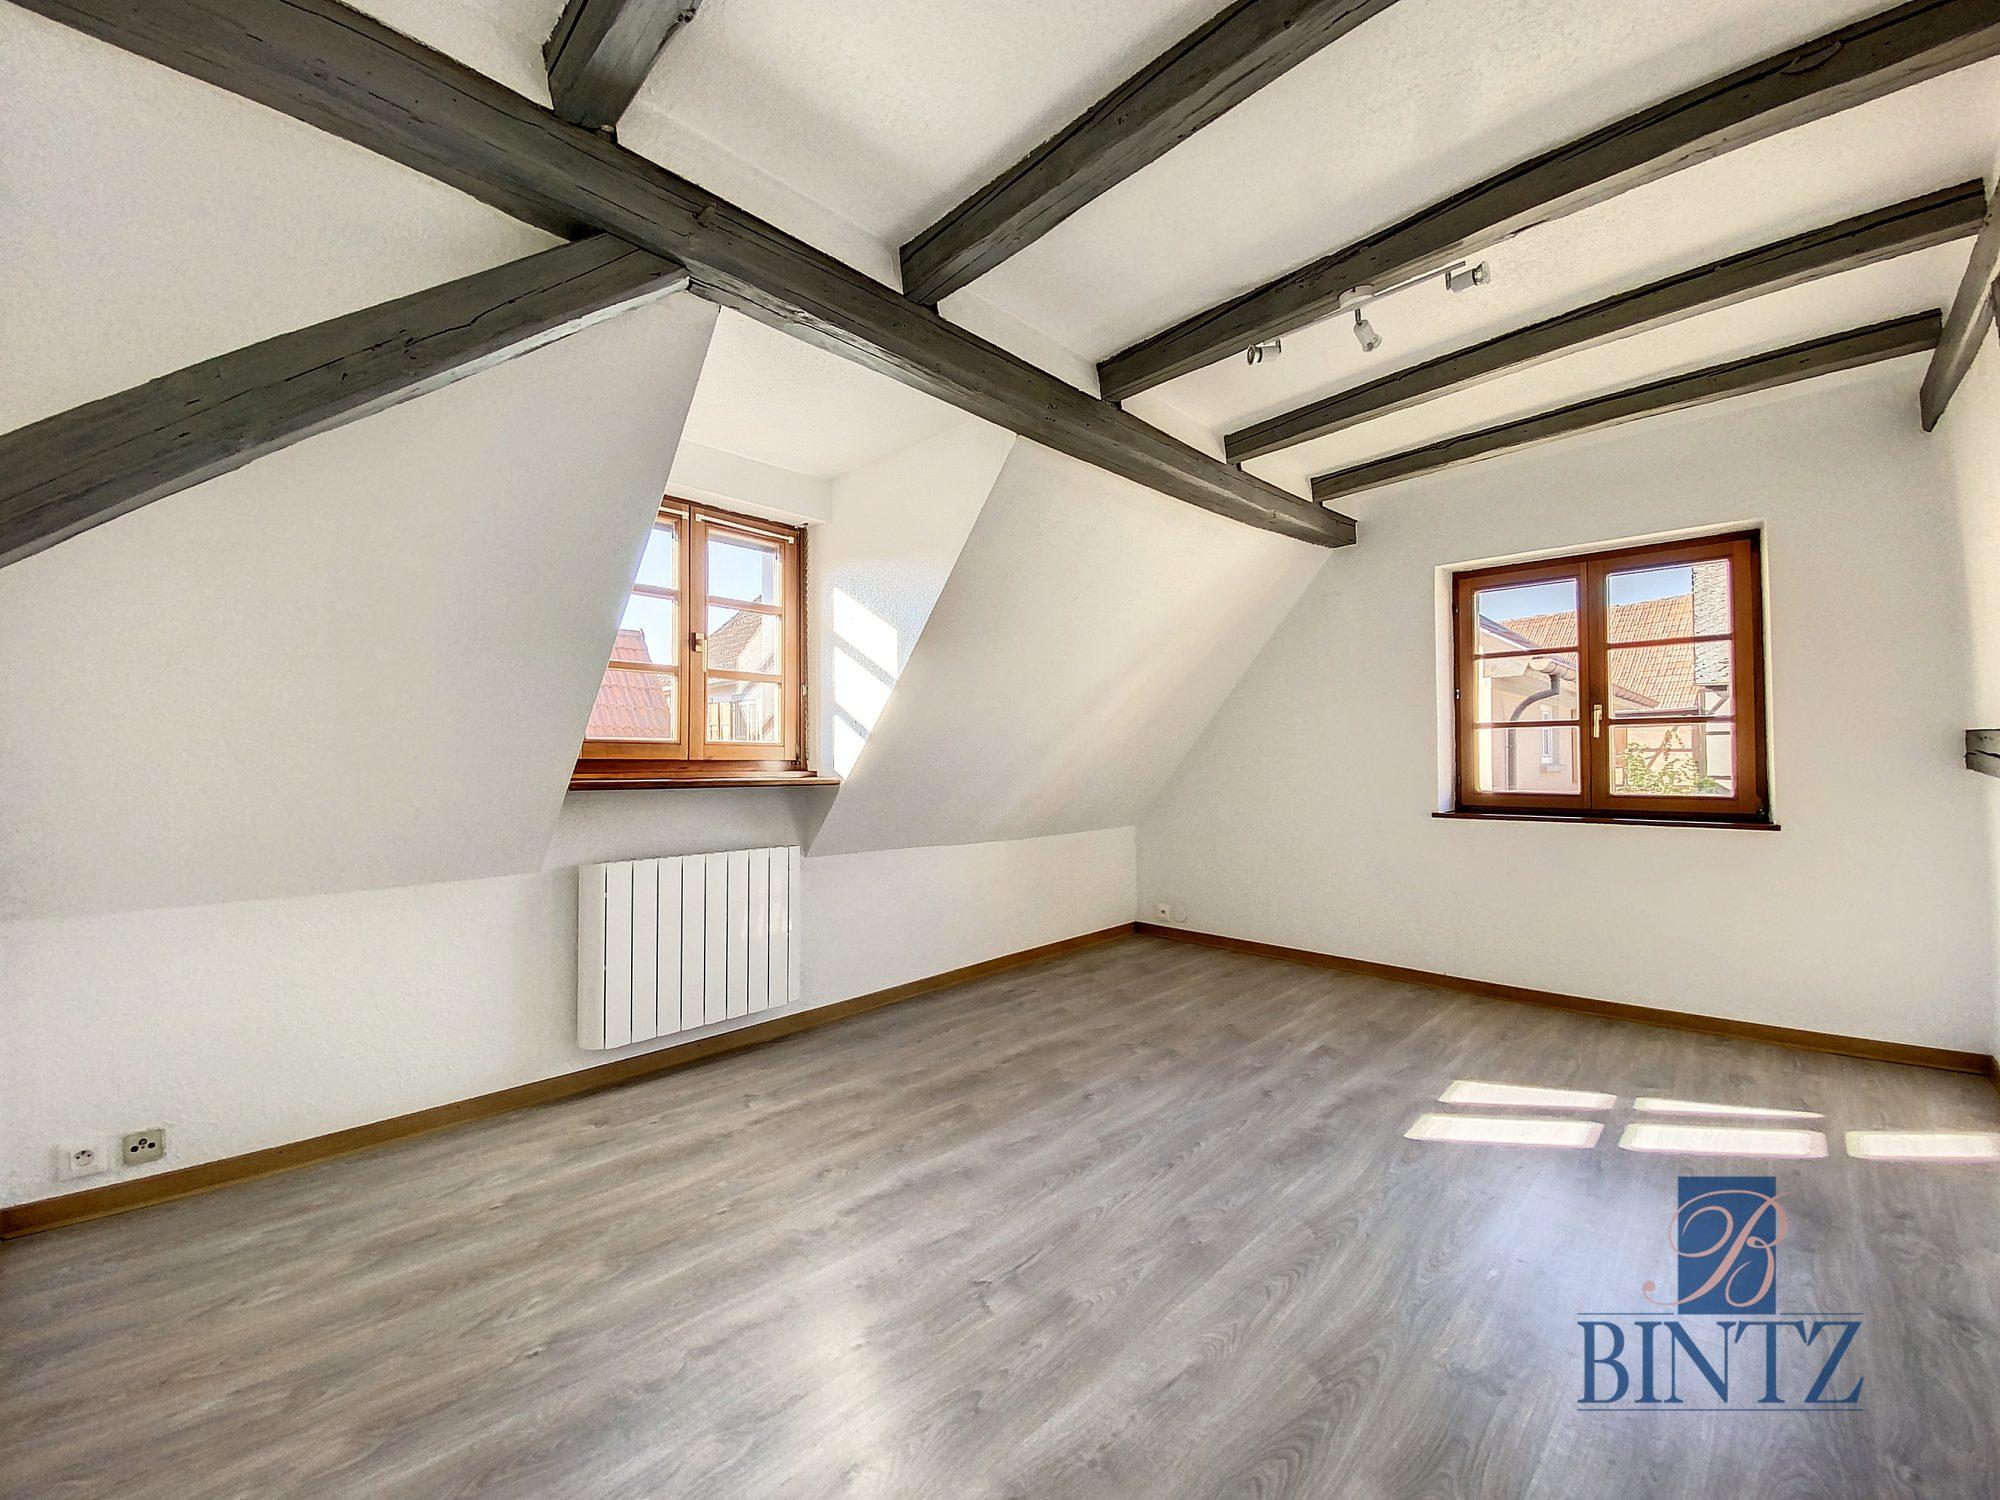 3/4 Pièces Centre-ville ROSHEIM - Devenez locataire en toute sérénité - Bintz Immobilier - 2